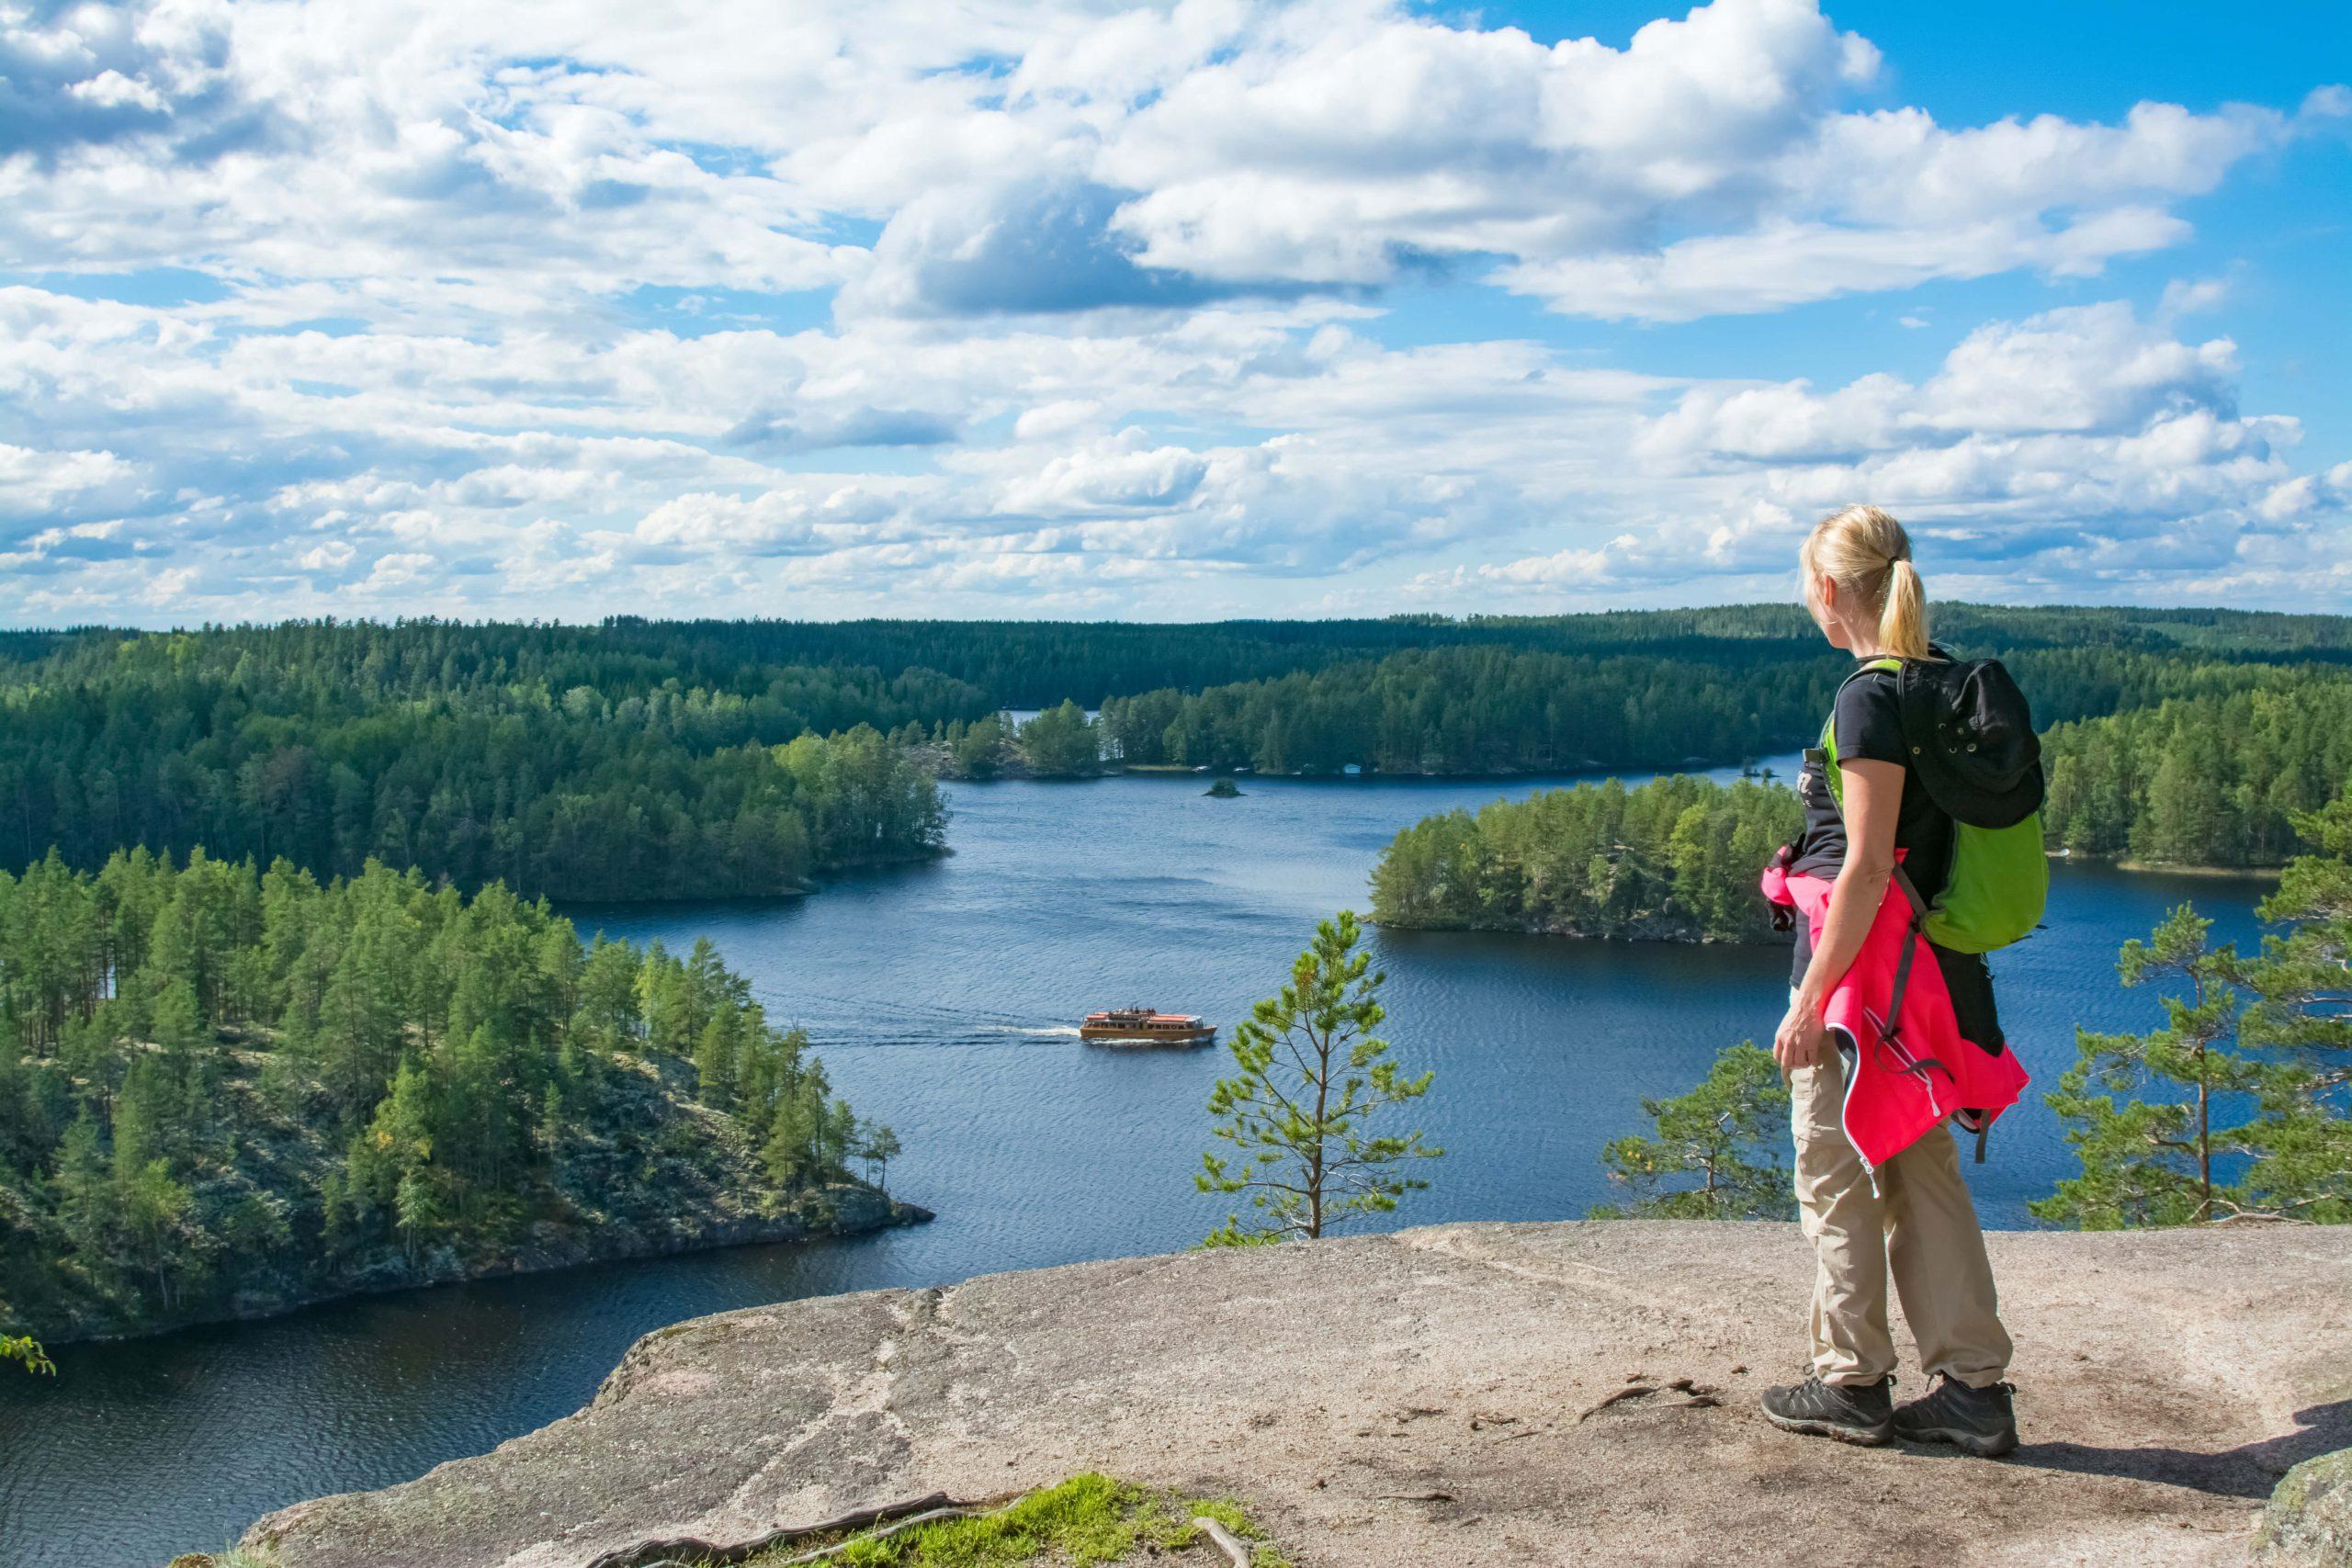 フィンランドの旅行風景、湖を眼下に